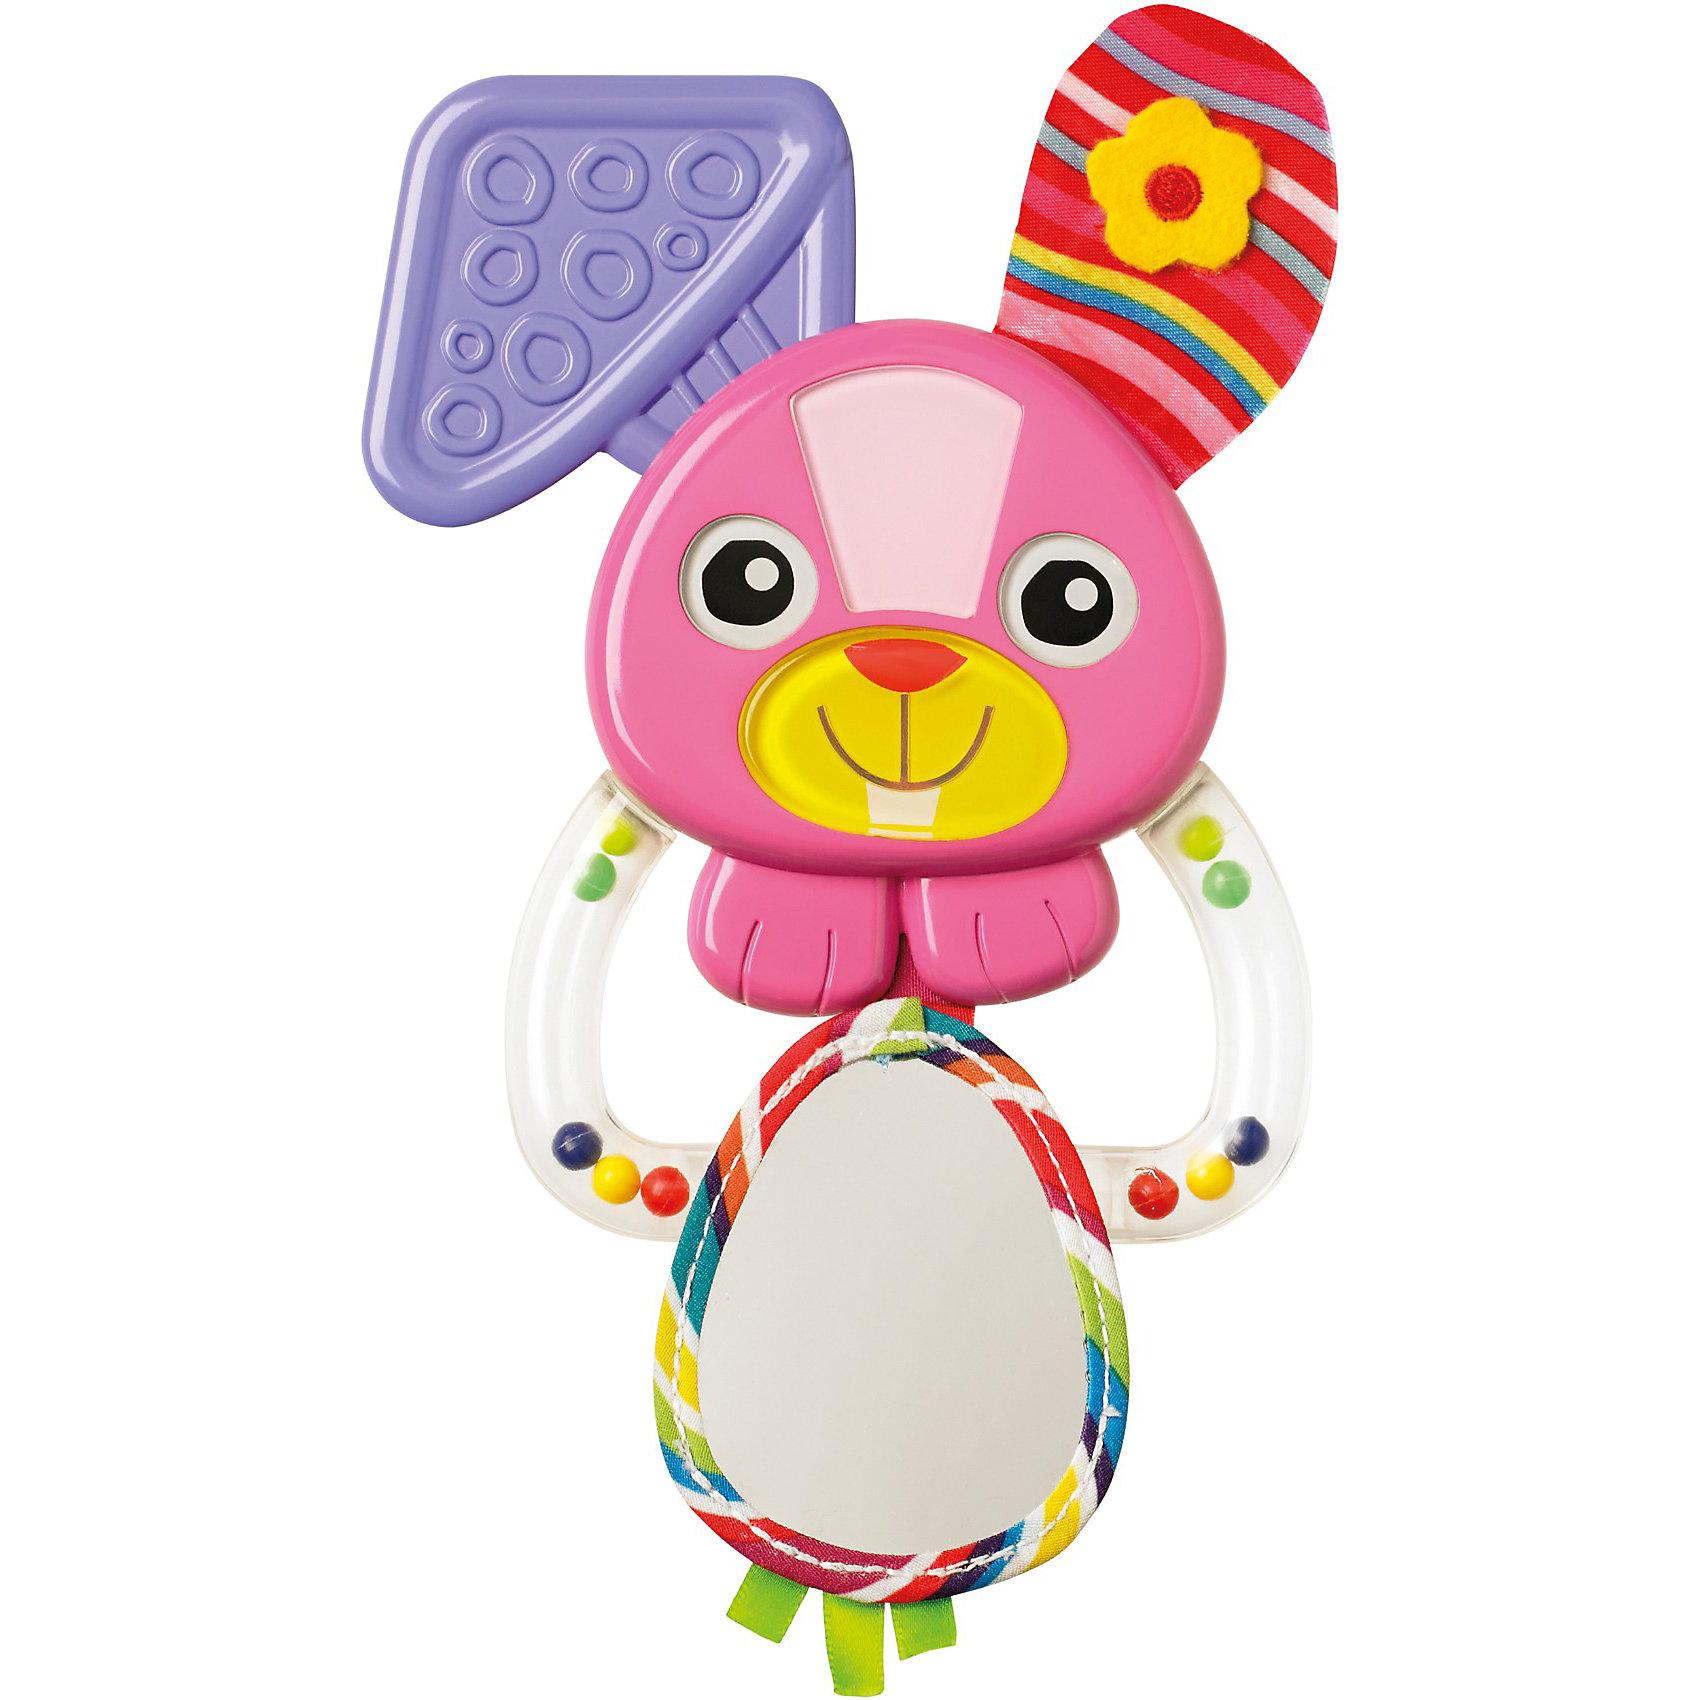 Погремушка Зайка Белла, LamazeИдеи подарков<br>Зайка Белла от Lamaze - прекрасная яркая погремушка, которая обязательно заинтересует кроху. Выполнена из материалов разной фактуры, прекрасно развивает тактильные ощущения, звуковое и цветовое восприятие. Мягкое пластиковое ушко можно погрызть, а за колечко - прицепить погремушку к кроватке, коляске или манежу. Игрушка изготовлена из высококачественных материалов и абсолютна безопасна для детей. Погремушку очень удобно держать, т.к. она имеет удобную конструкцию, адаптированную под ручки малышей. <br><br>Дополнительная информация:<br><br>- Материал: текстиль, полиэстер.<br>- Цвет: разноцветная.<br>- Размер: 18 см.<br><br>Погремушку Зайка Белла, Lamaze можно купить в нашем магазине.<br><br>Ширина мм: 256<br>Глубина мм: 129<br>Высота мм: 27<br>Вес г: 74<br>Возраст от месяцев: 3<br>Возраст до месяцев: 10<br>Пол: Женский<br>Возраст: Детский<br>SKU: 3592713